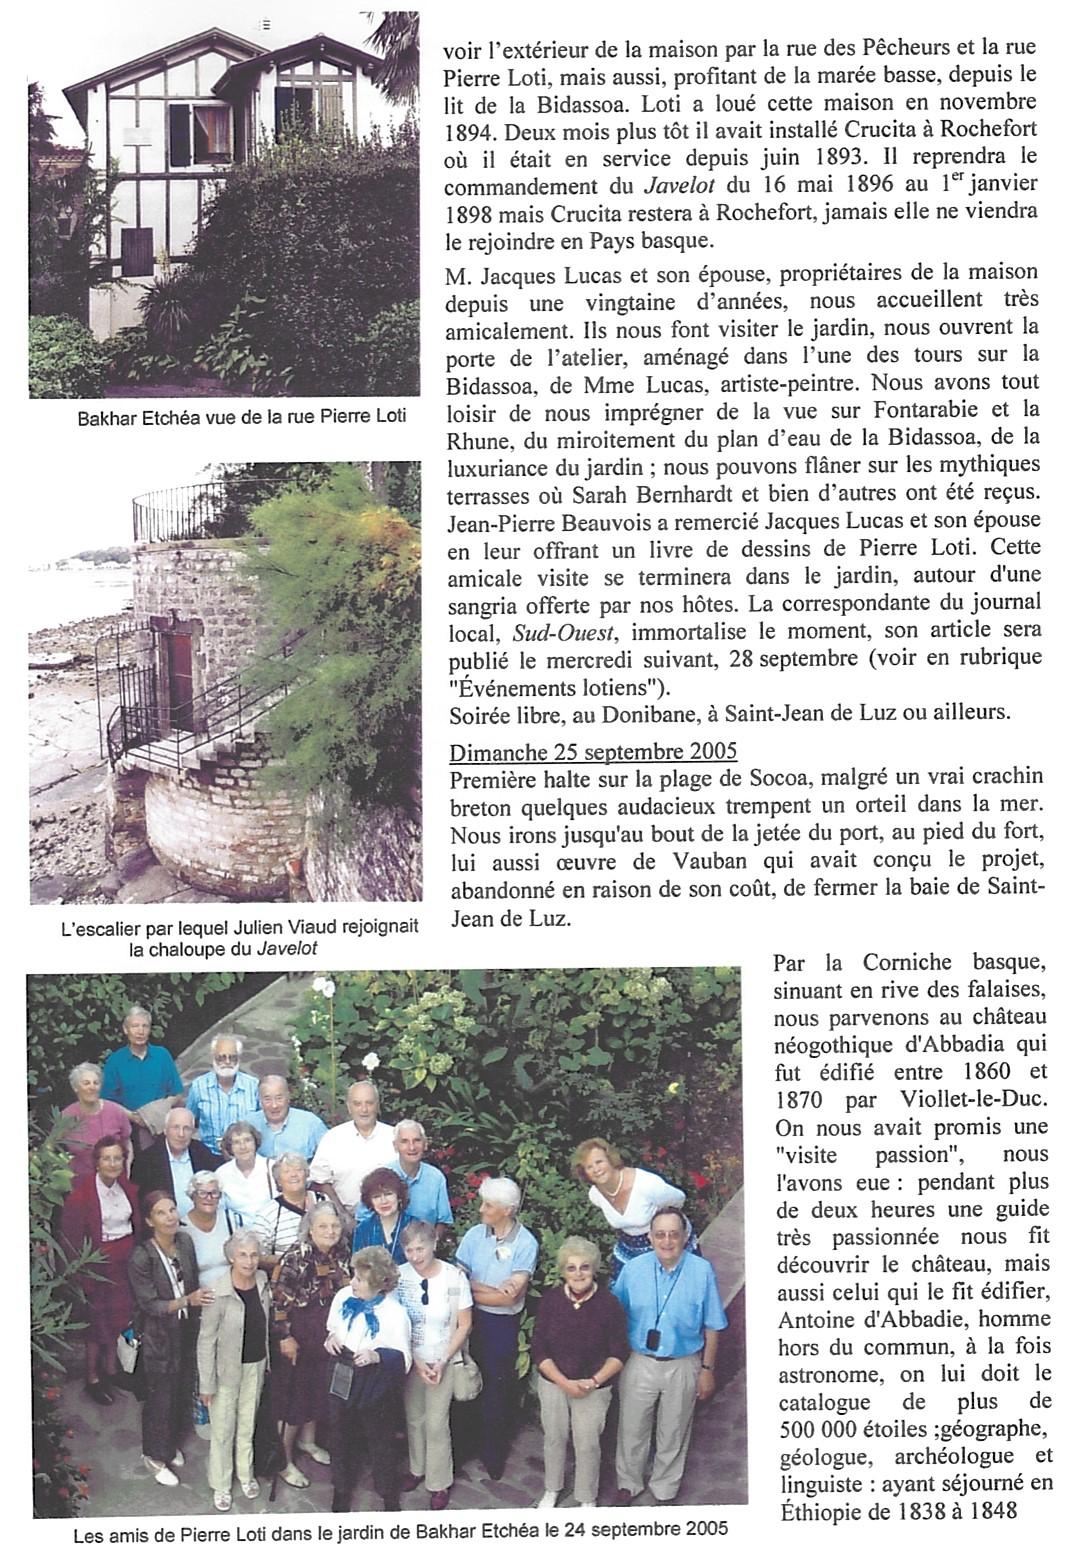 voyage au pays de Ramuntcho-page5(19)+